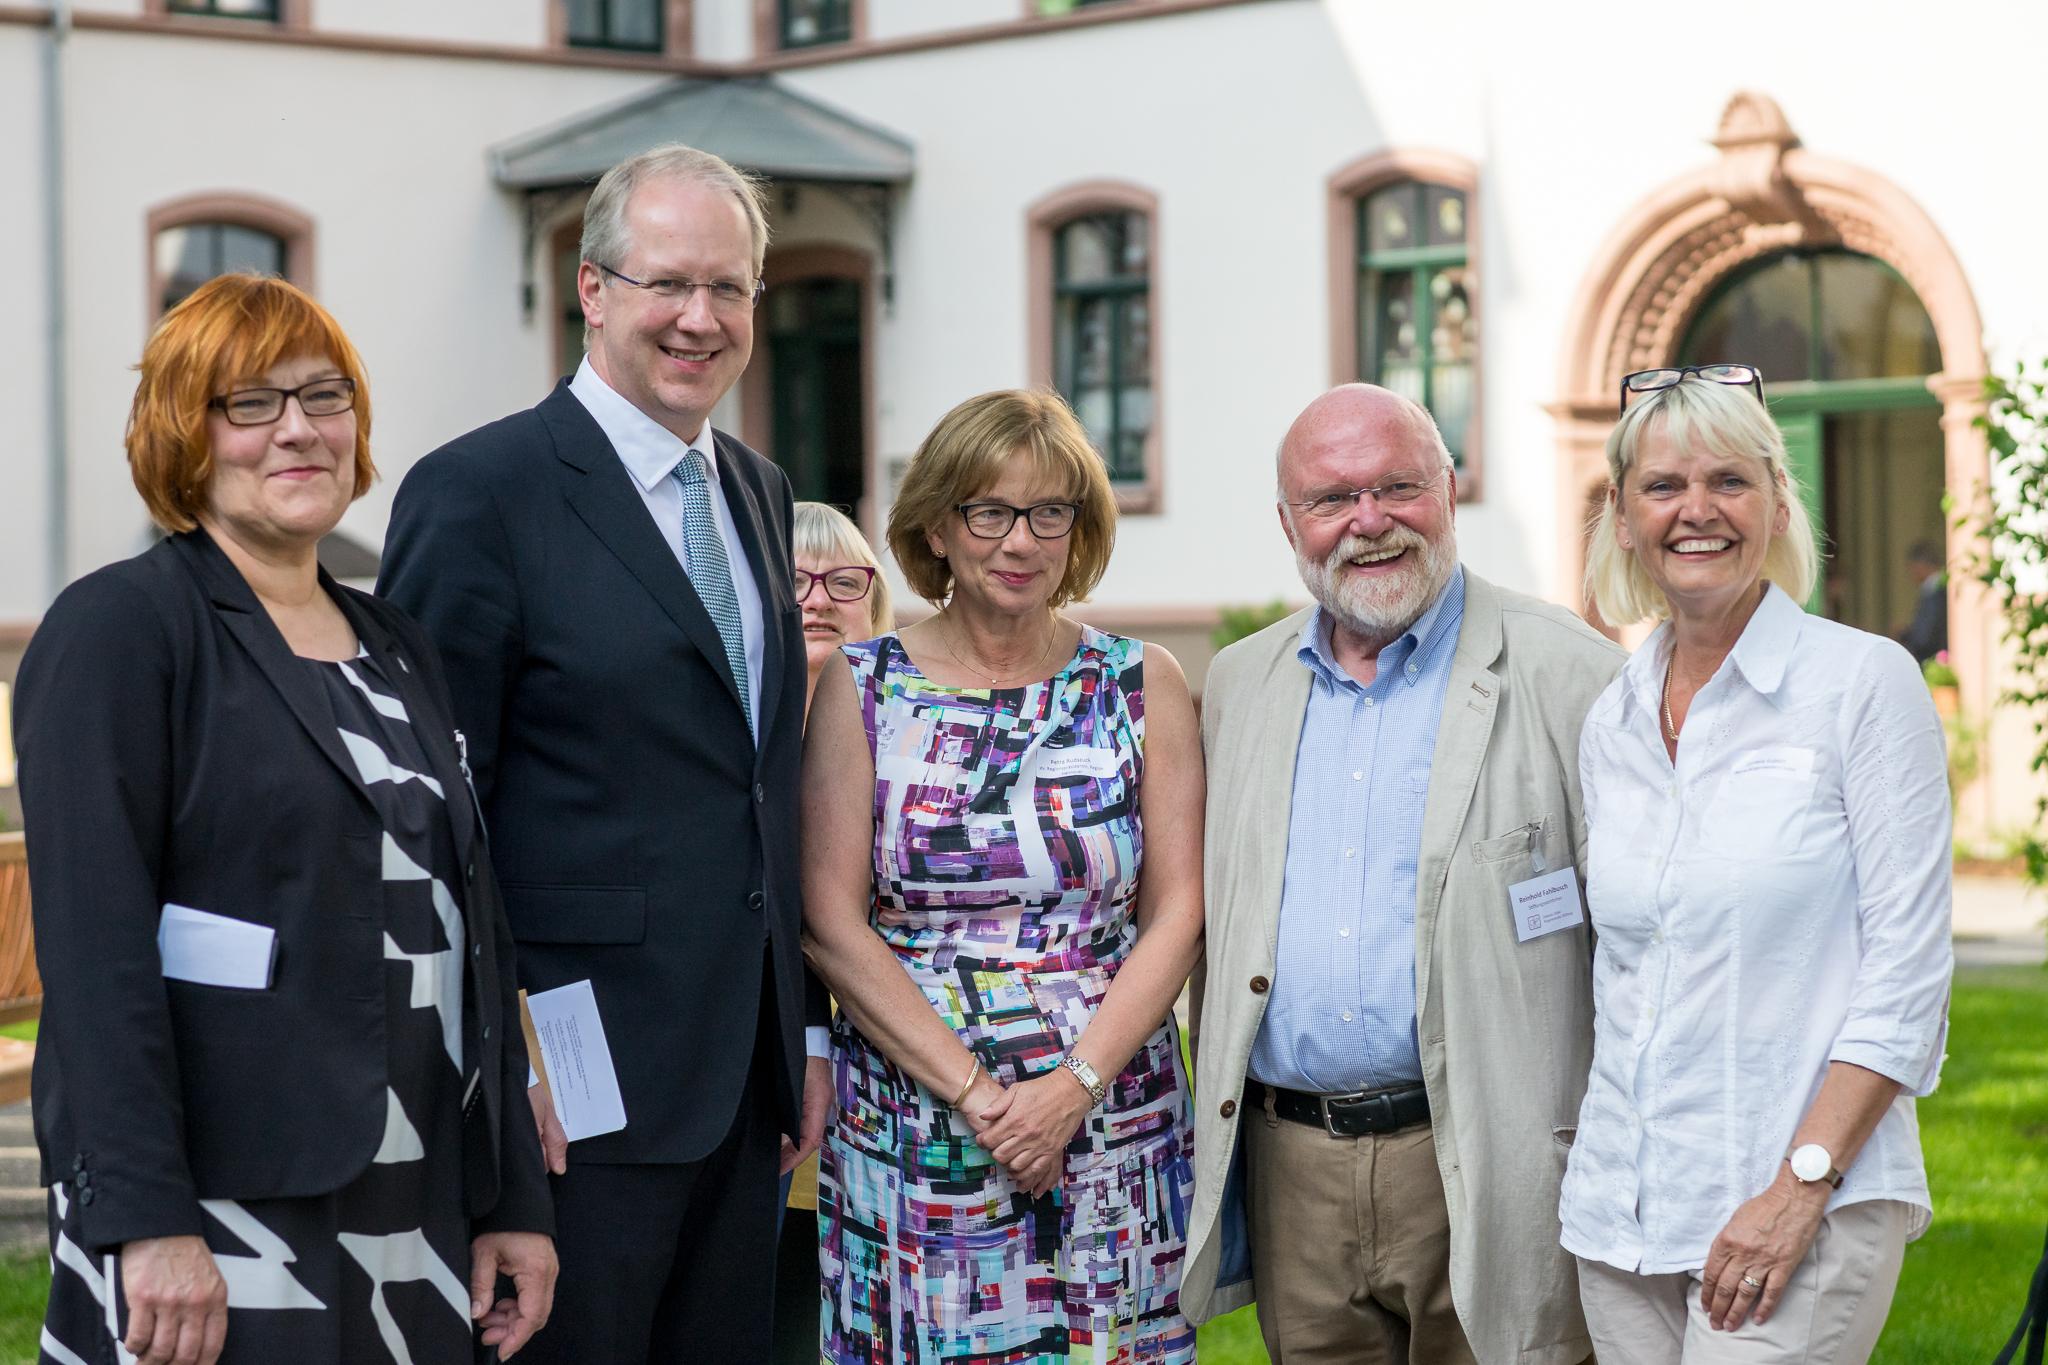 Gruppenergänzung durch die stv. Regionspräsidentin Petra Rudszuck und die Bezirksbürgermeisterin Cornelia Kupsch.